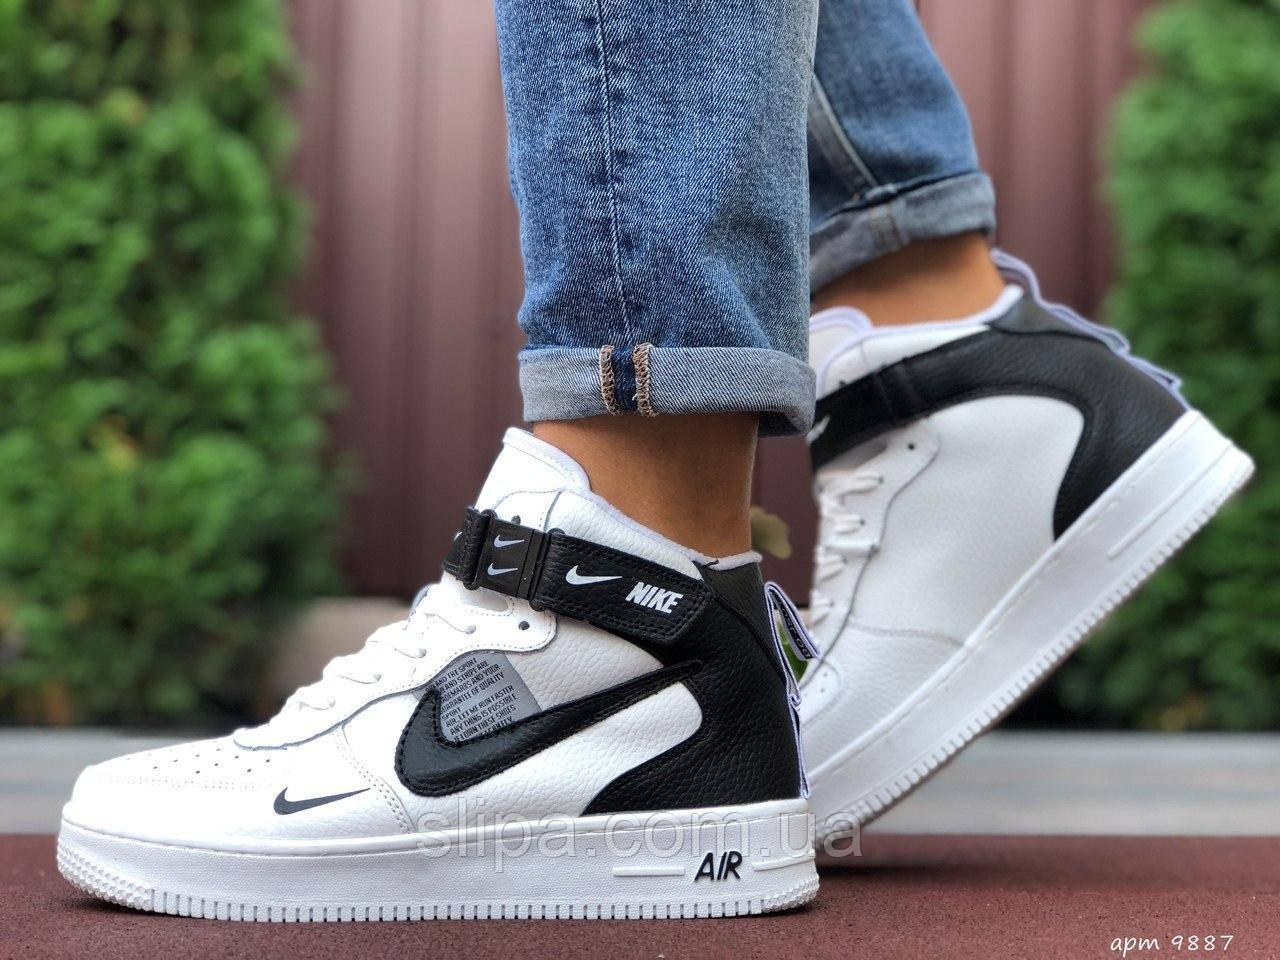 Мужские кожаные кроссовки Nike Air Force белые с чёрным лого (термо)